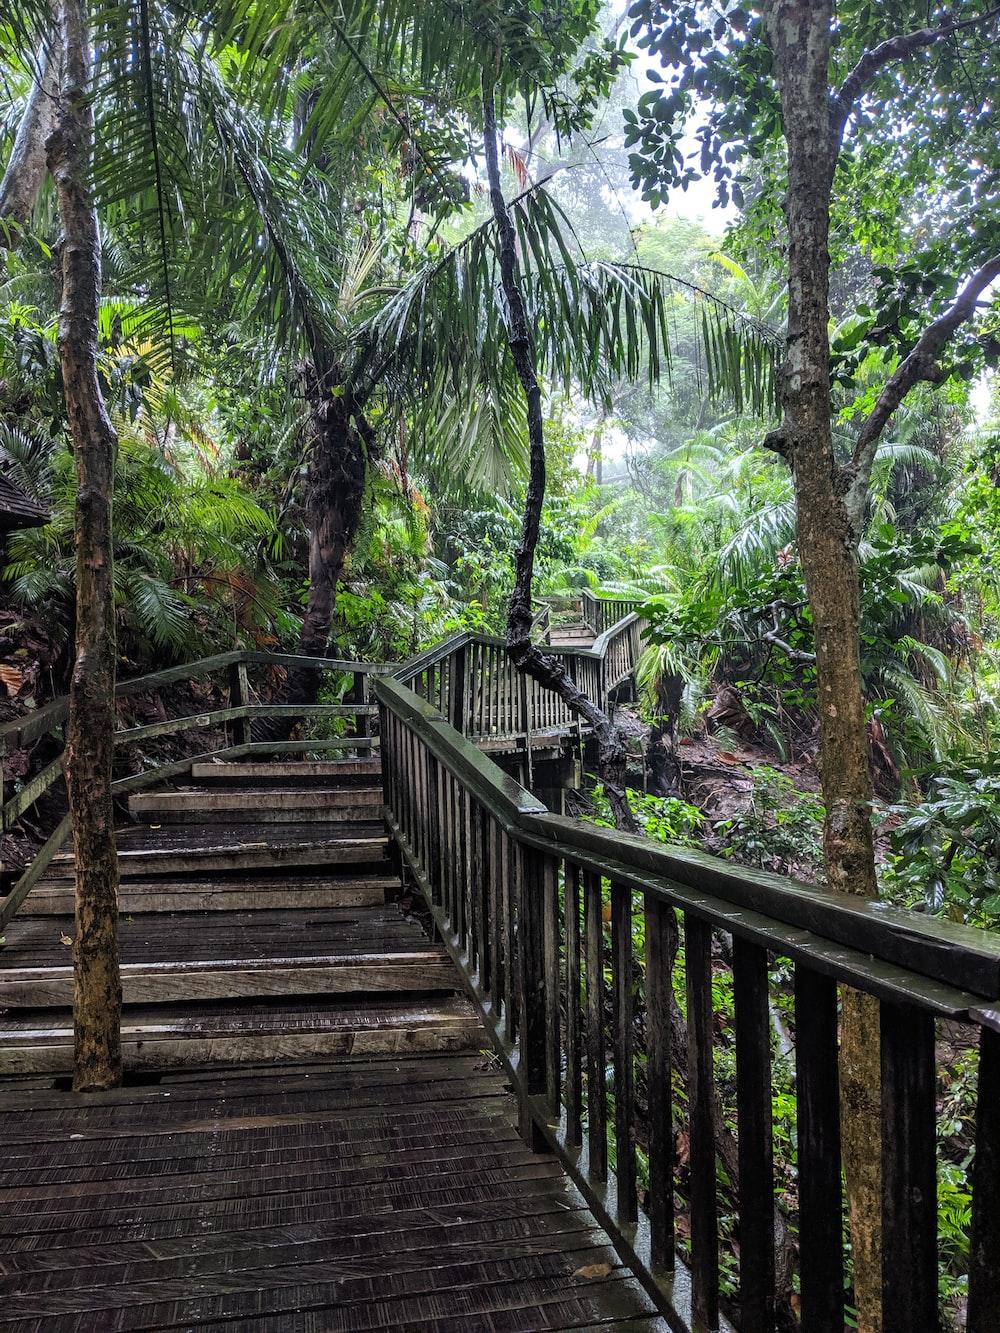 brown wooden bridge with handrails